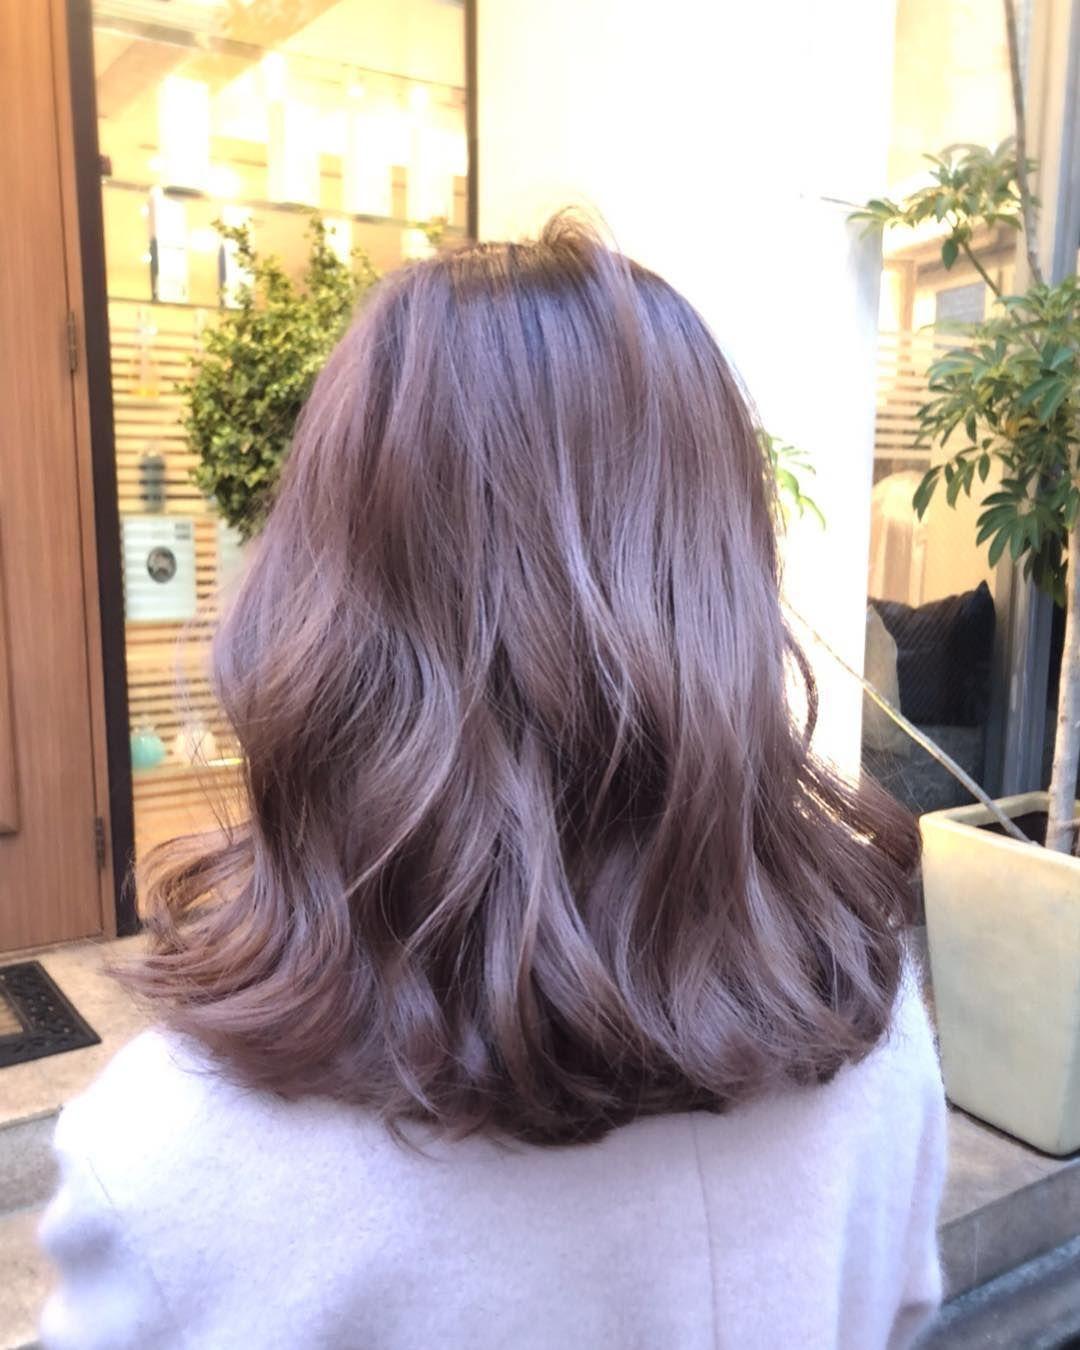 ローズブラウンのヘアカラー10選 ピンク系の髪色とローズティブラウン